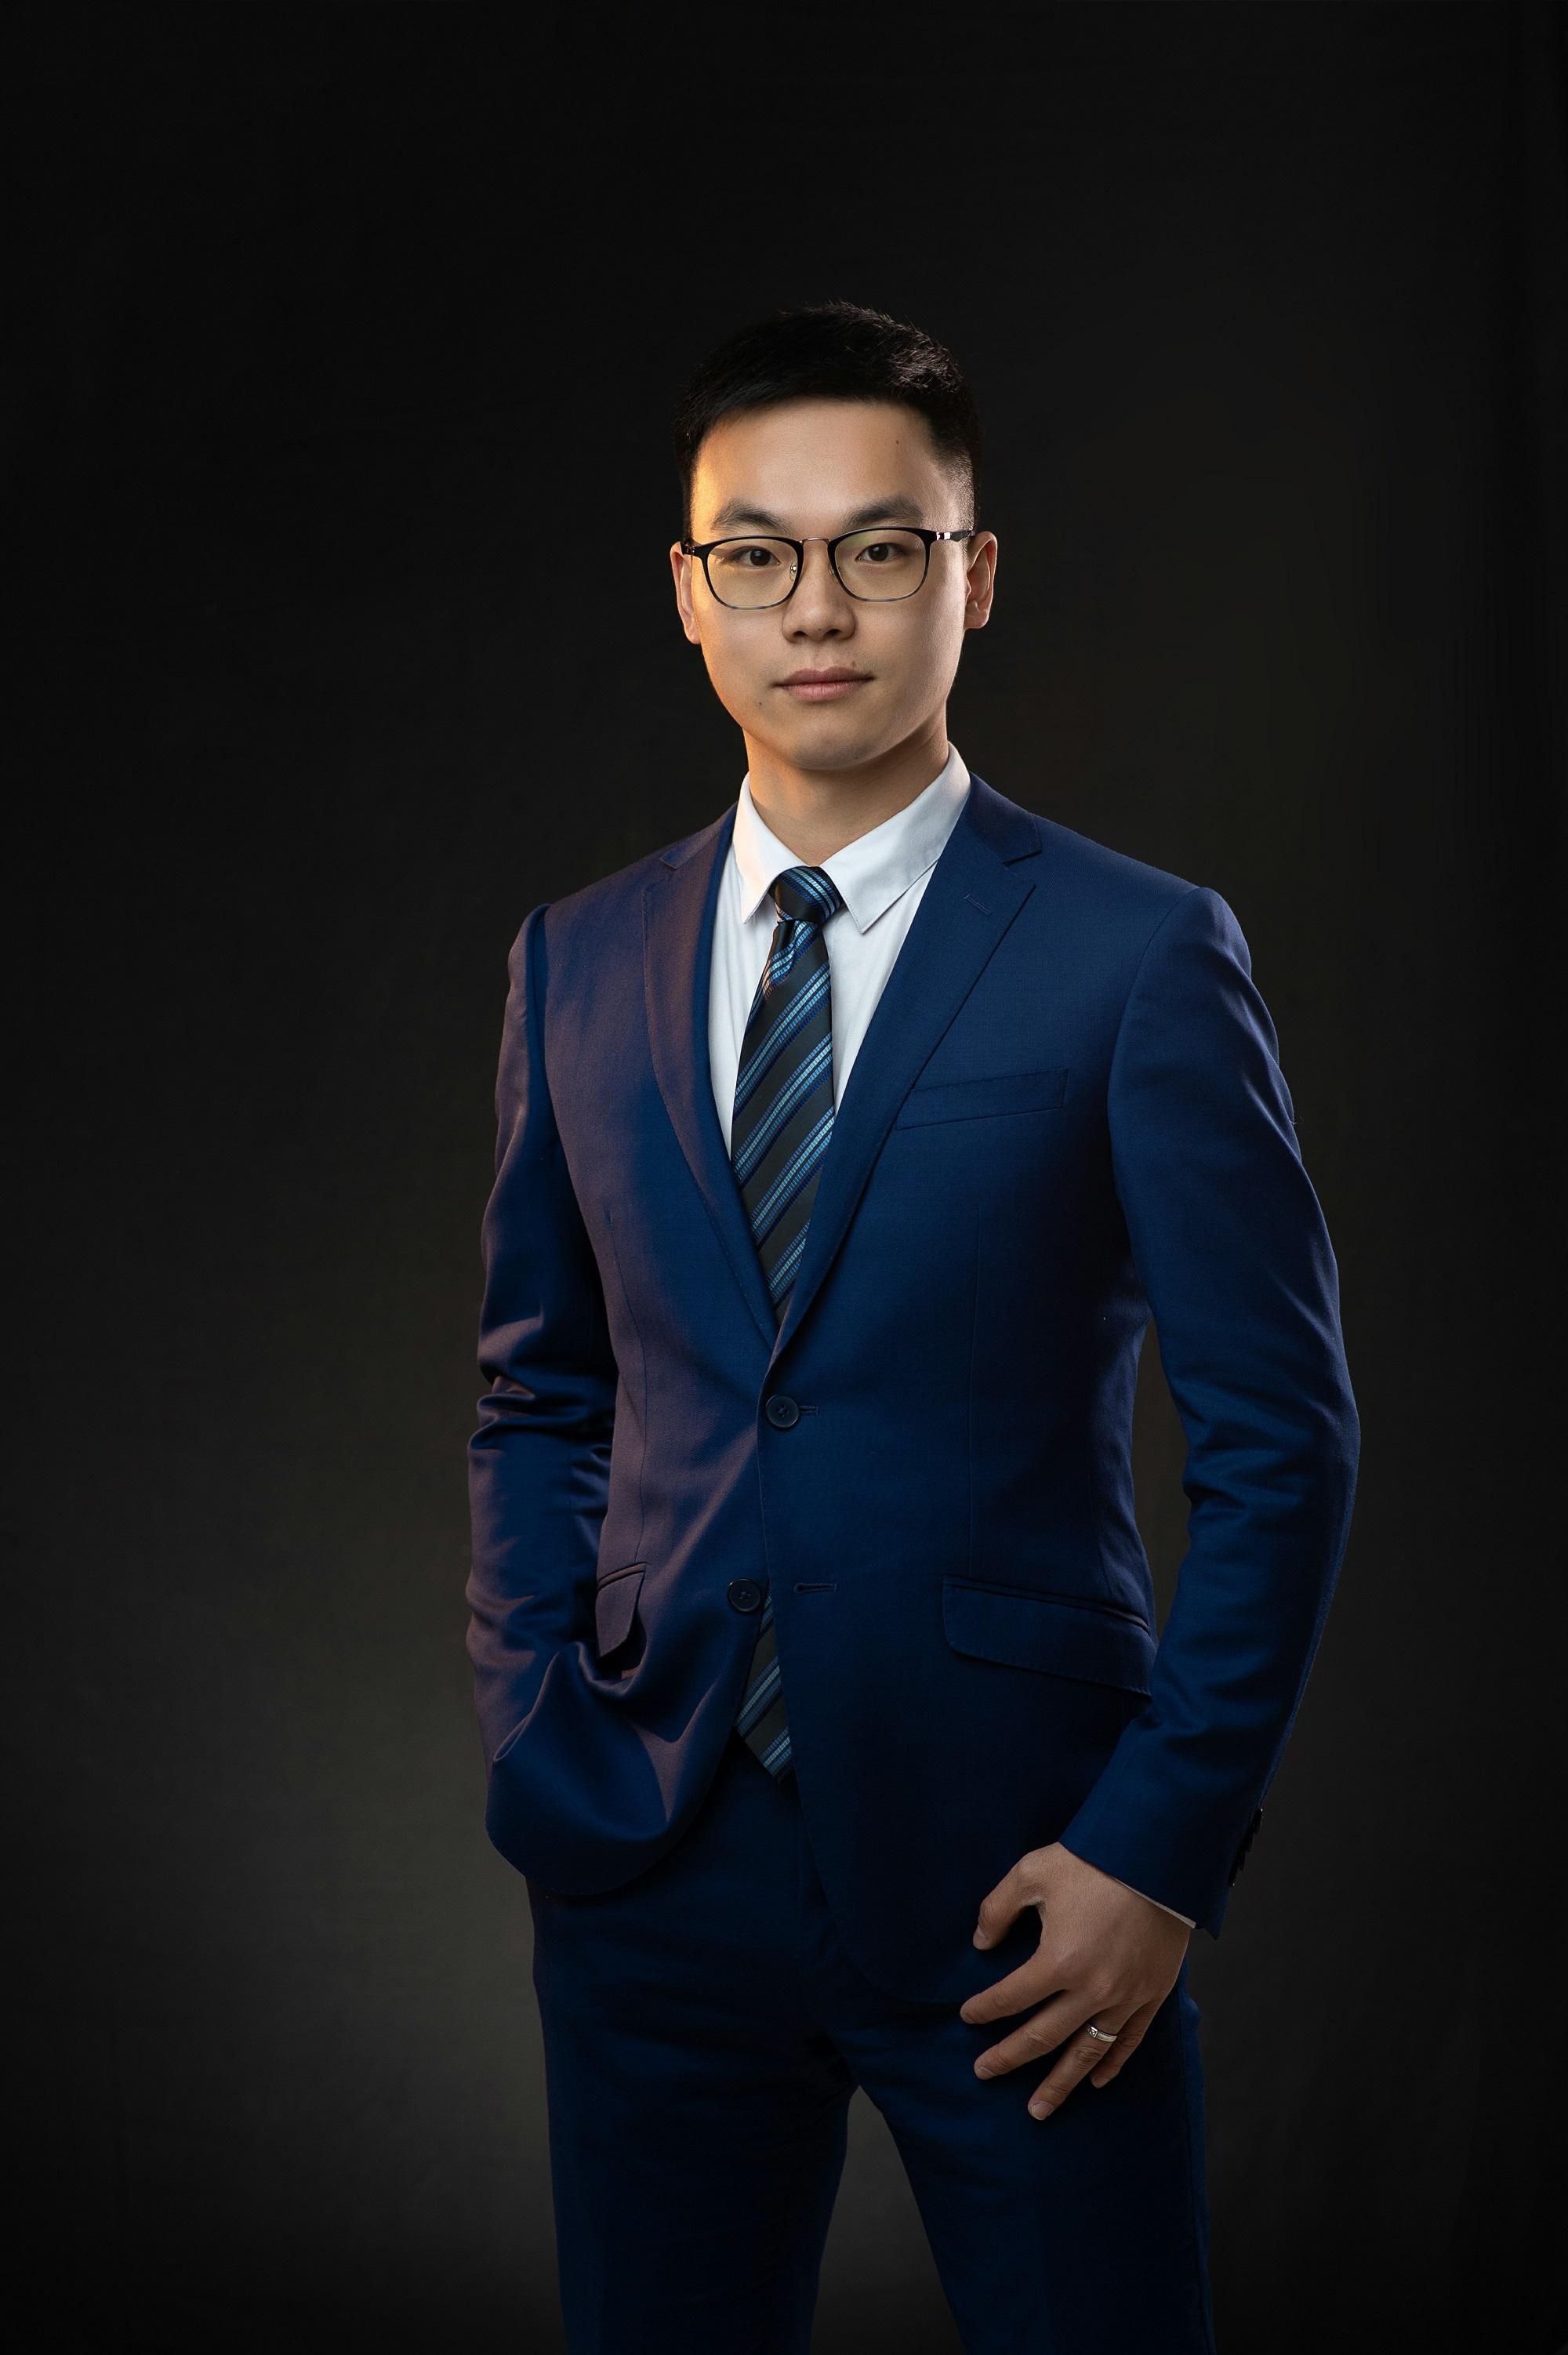 闵家星律师